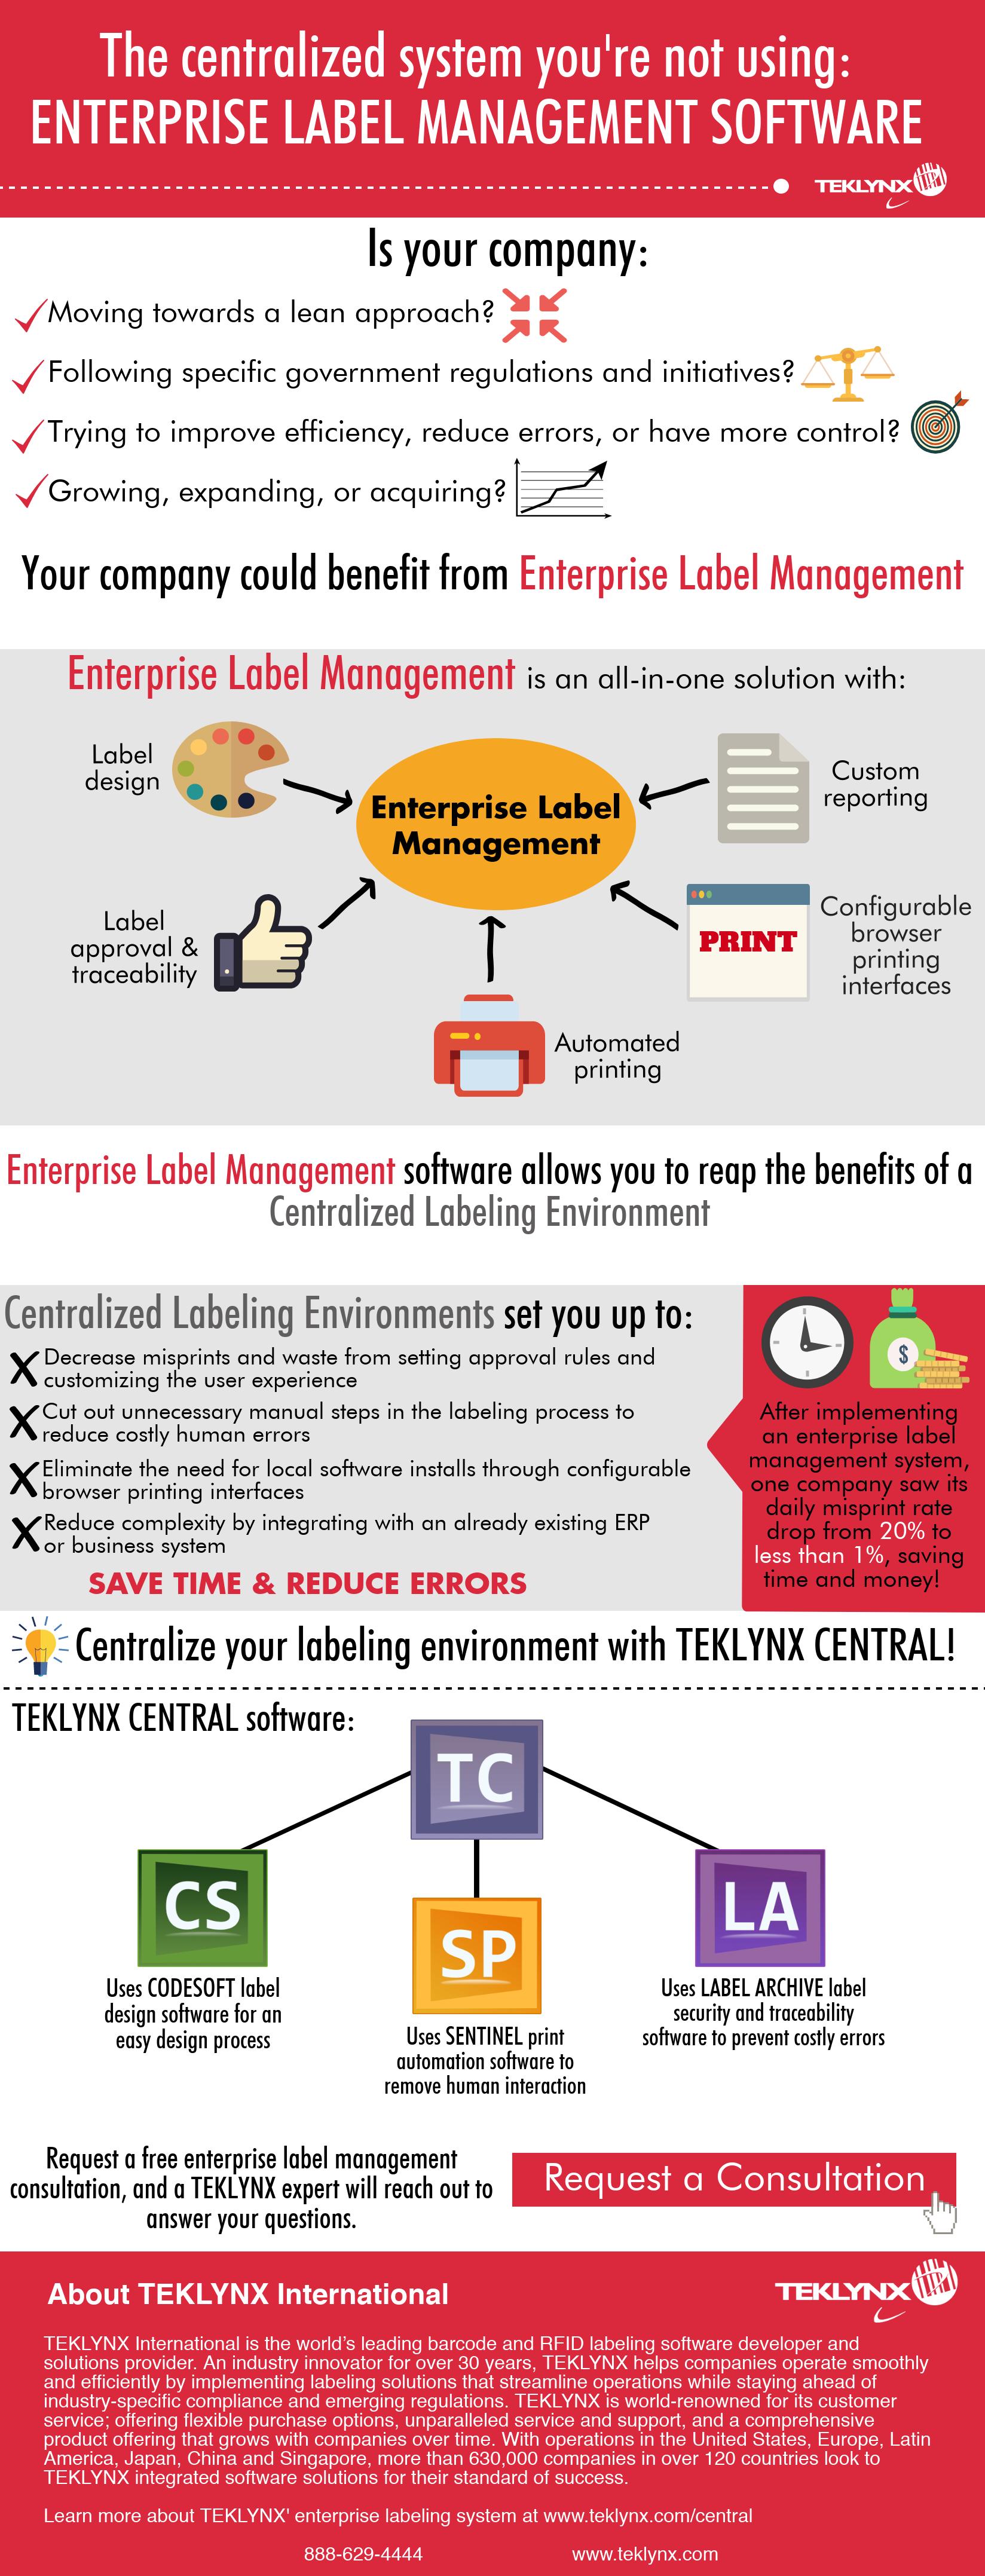 El sistema centralizado que no está utilizando: Software de gestión de etiquetas en la empresa